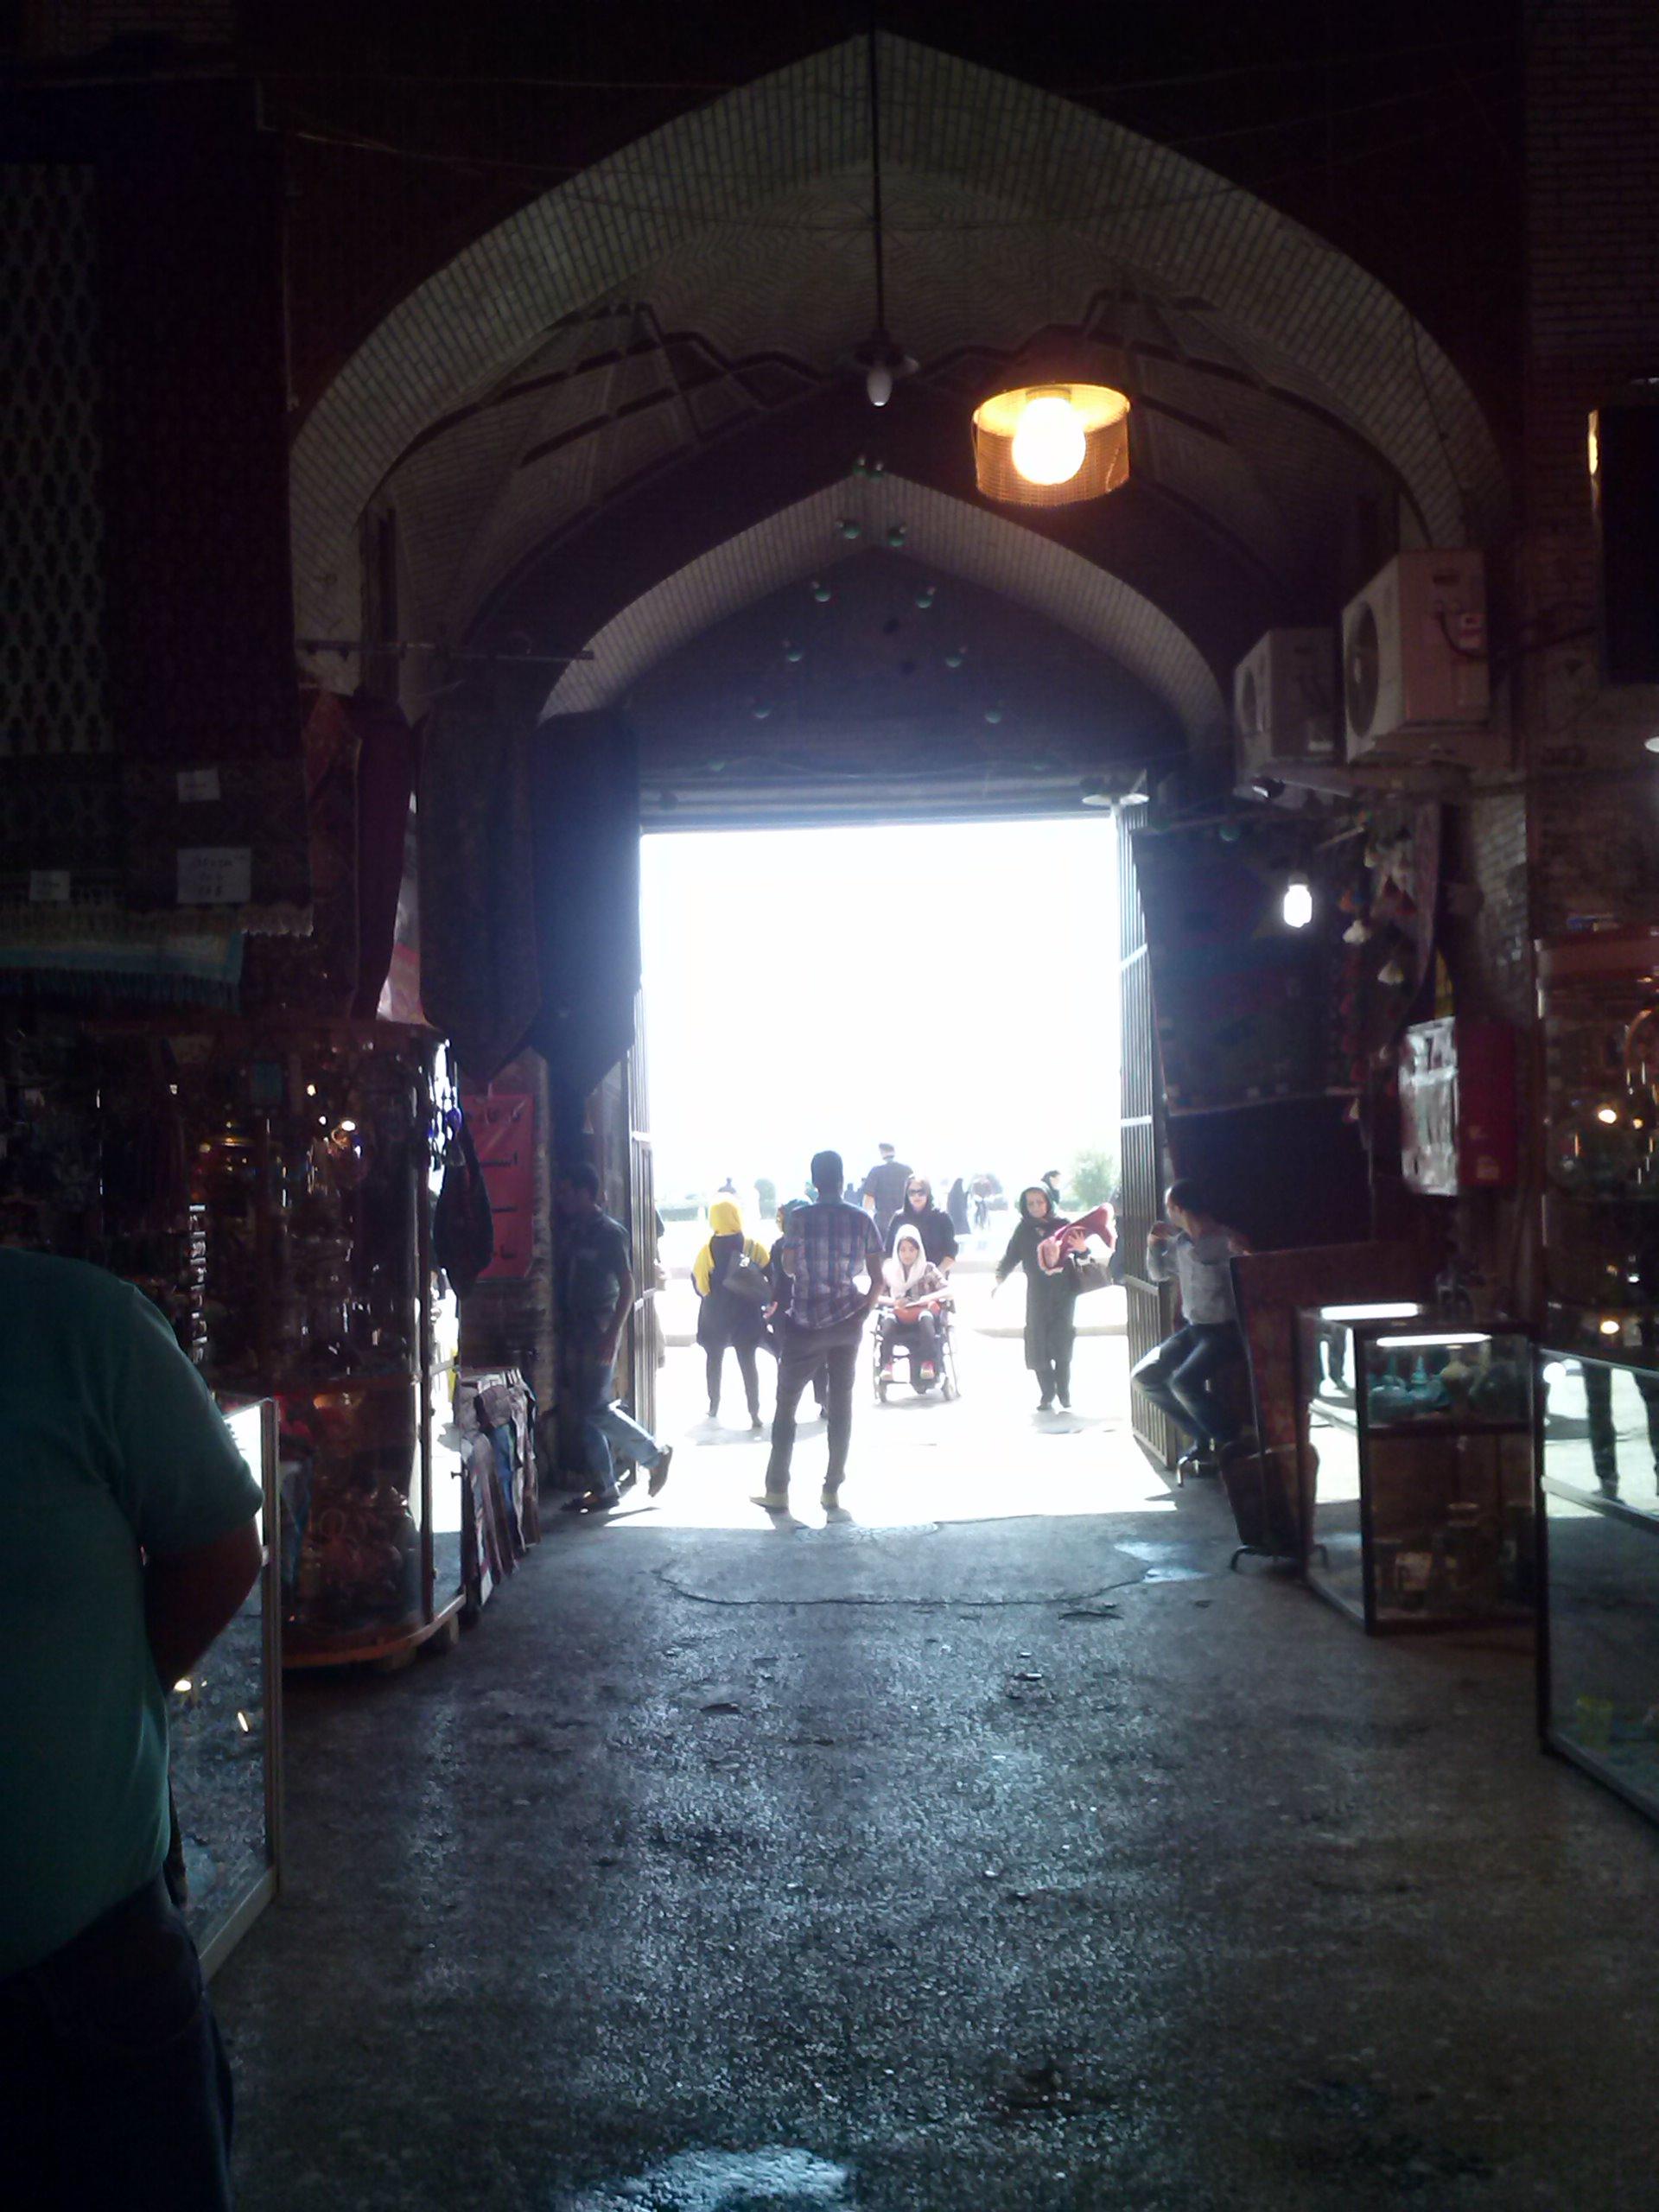 Am Bazar-Eingang sieht man eine zufällig mit aufgenommene Rollstuhlfahrerin